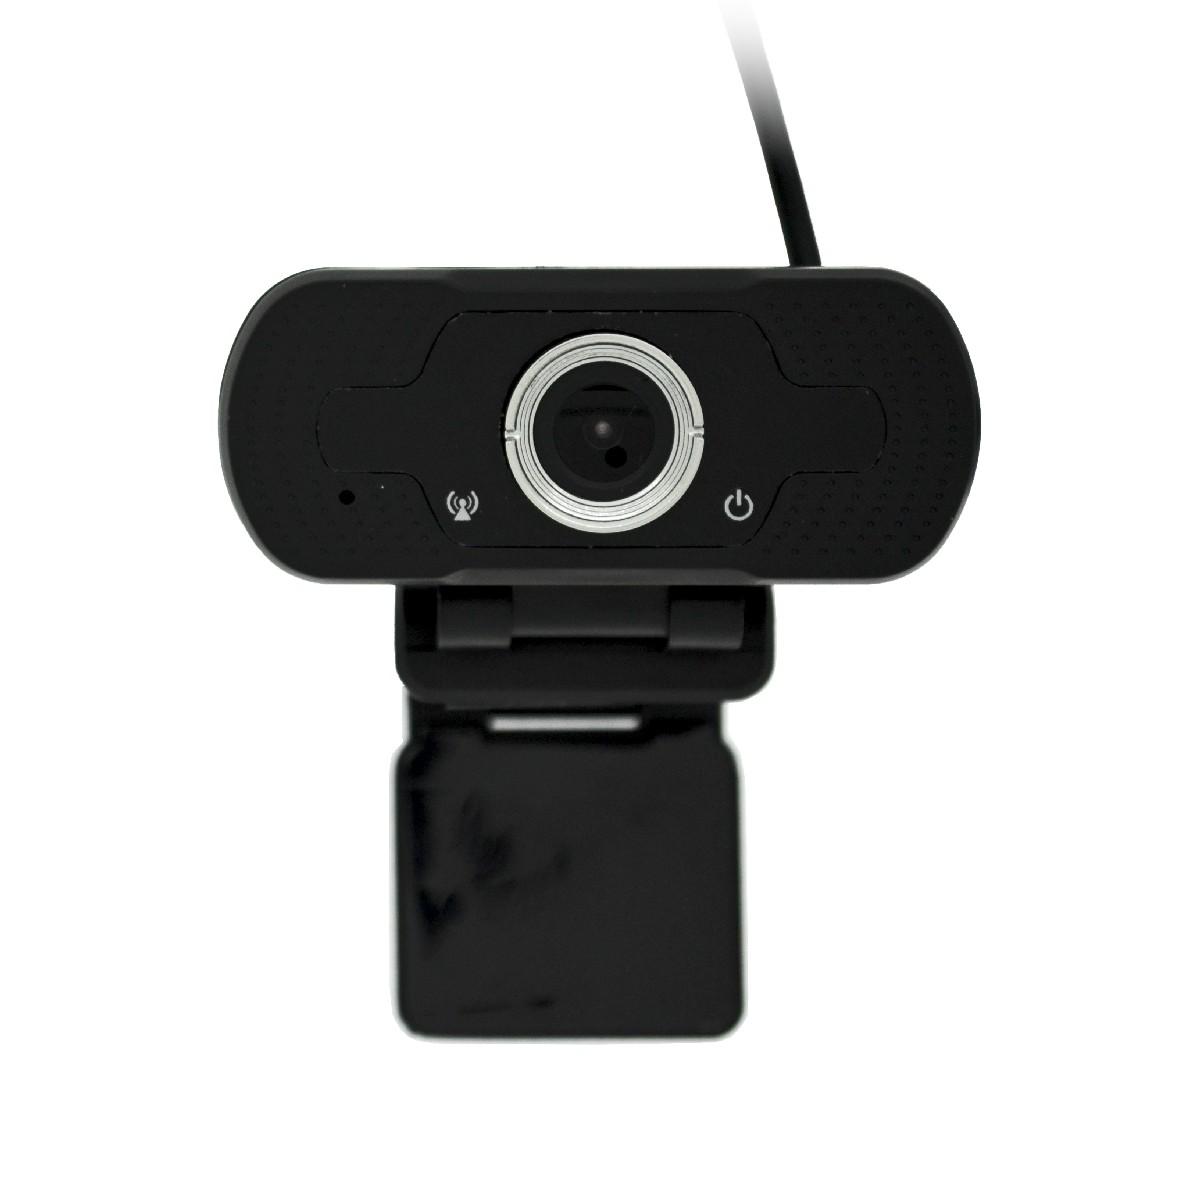 USB Webcam Mobilis W8-1 Full HD 1080P 1920X1080 με 2MP και Ενσωματωμένο Μικρόφωνο. Μαύρη